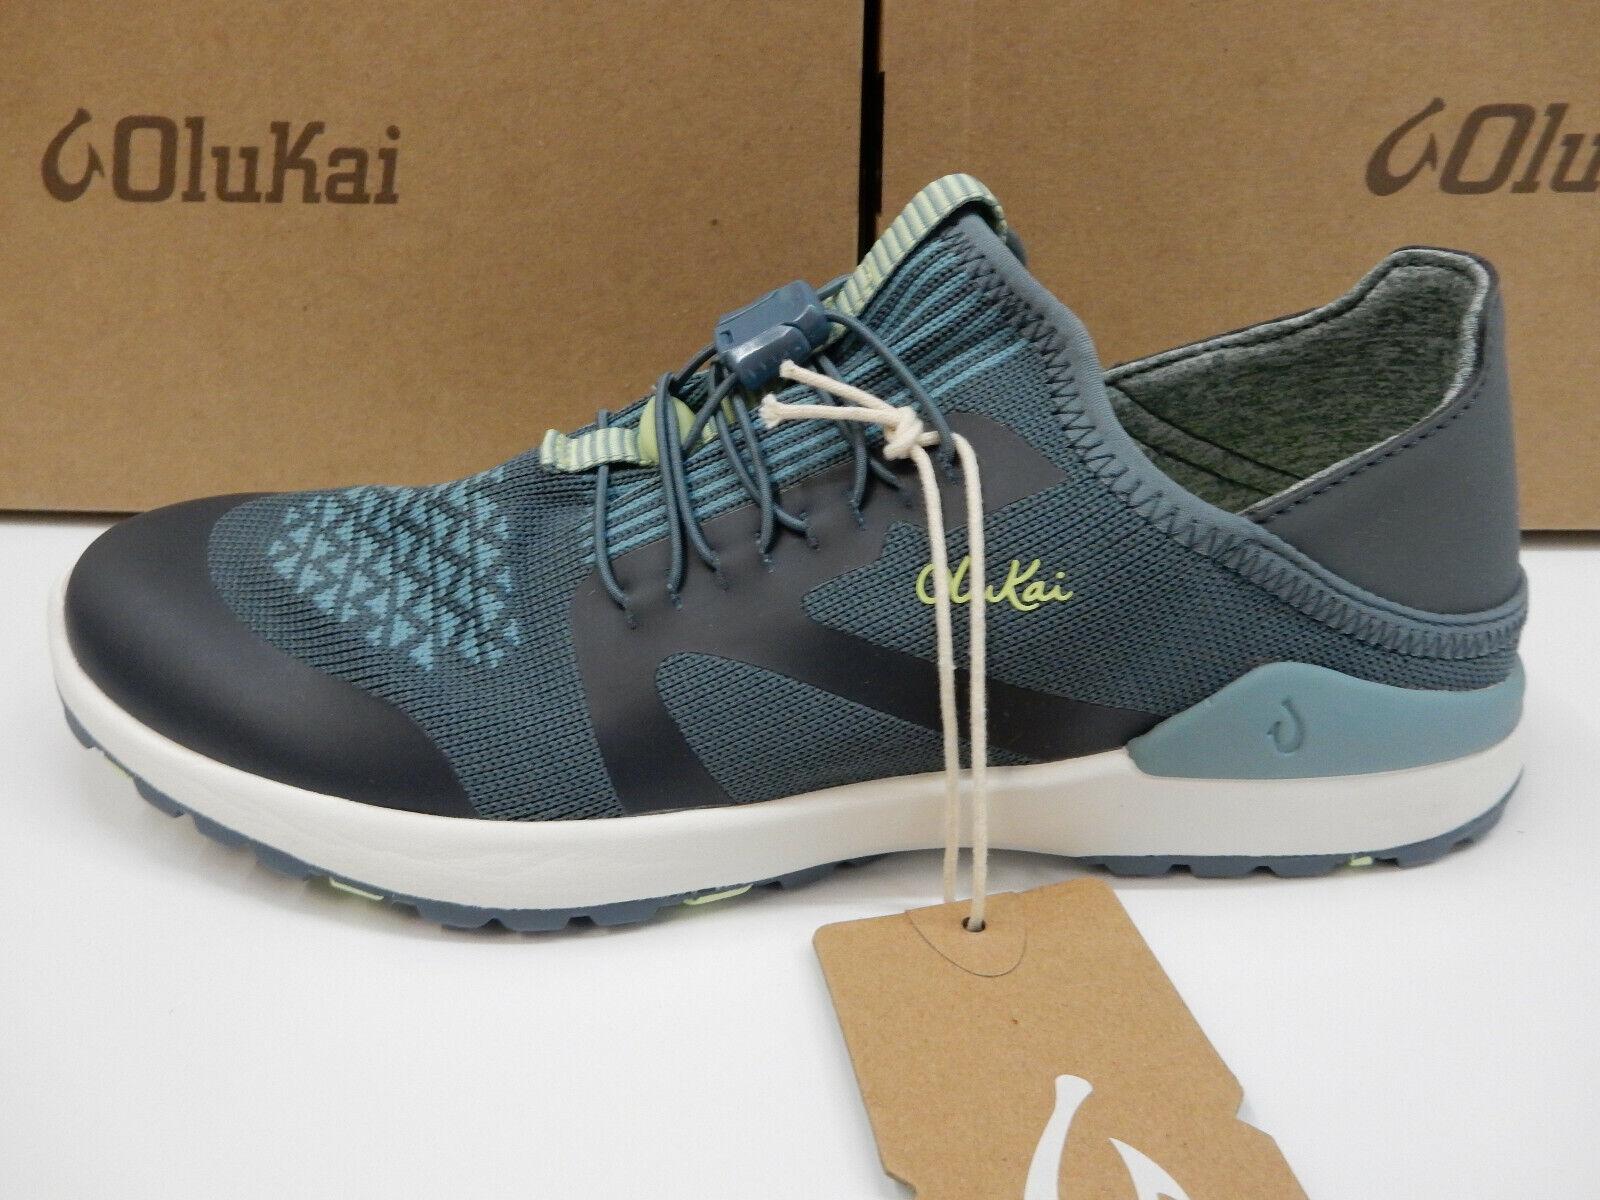 Olukai Womens Miki Trainer Iron Mineral bluee Size 9